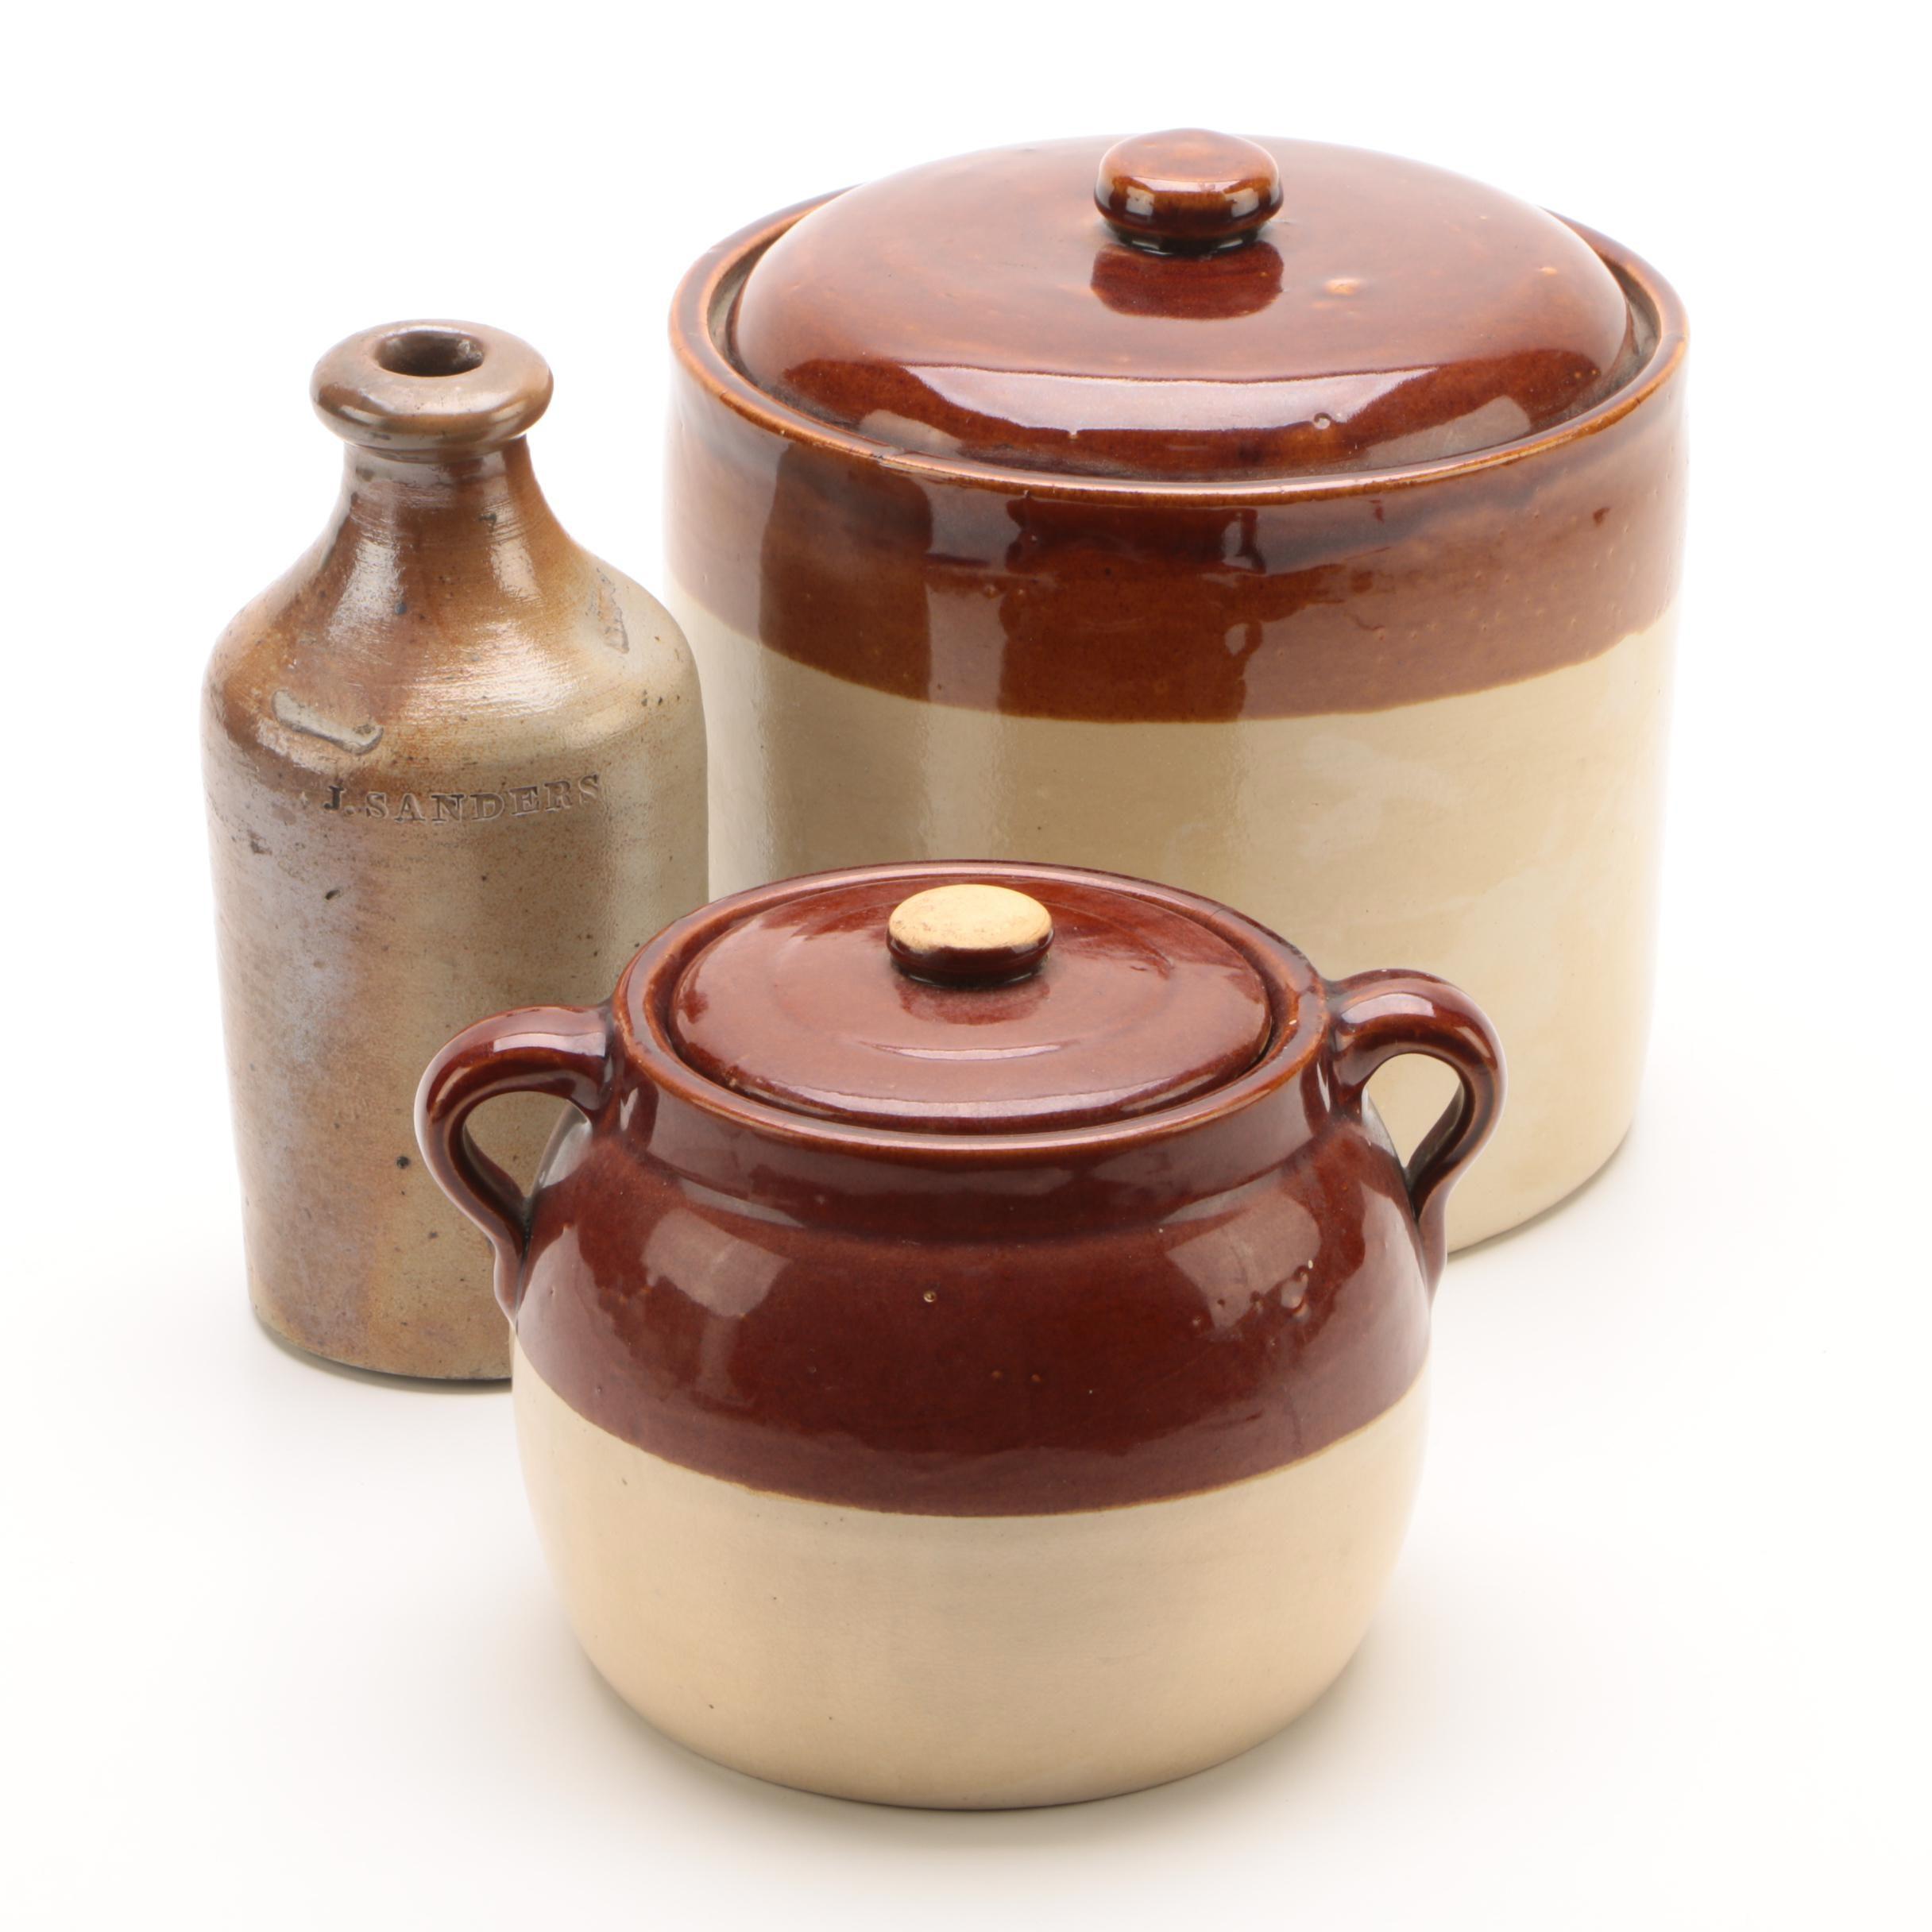 Vintage Slip Glazed Lidded Crock and Bean Pot with Salt Glazed Bottle